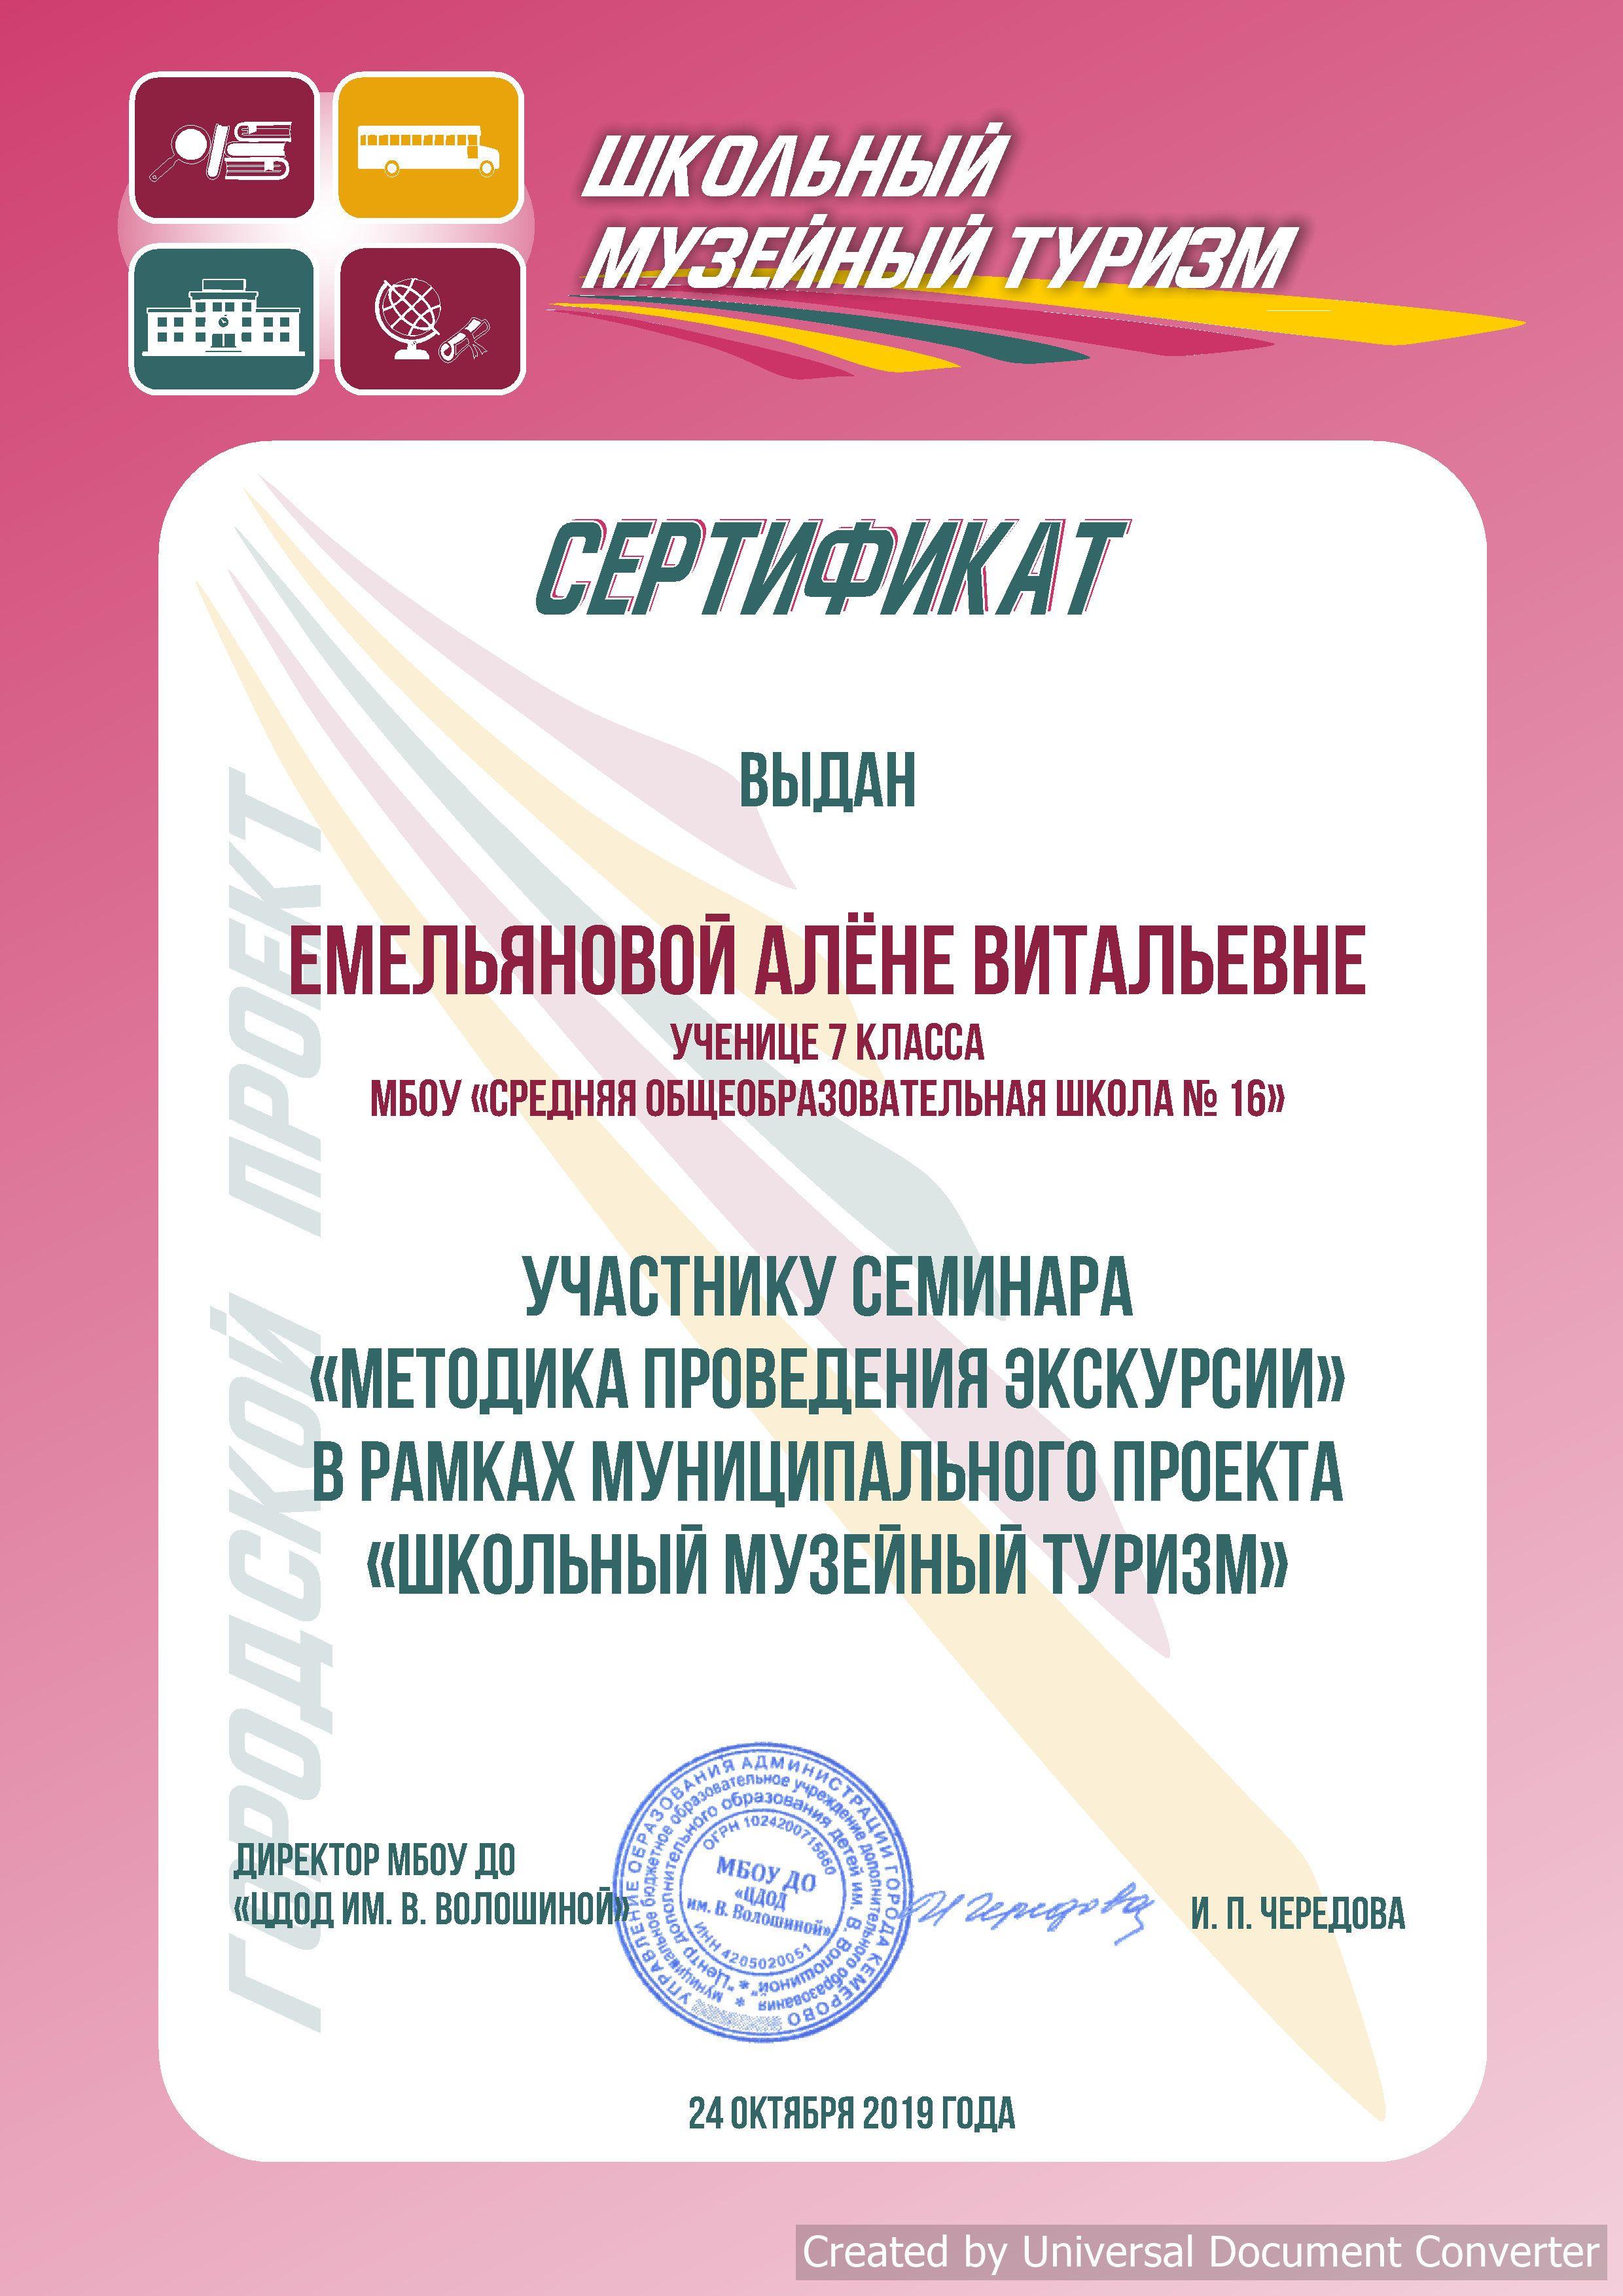 Сертификат Емельяновой Алены.